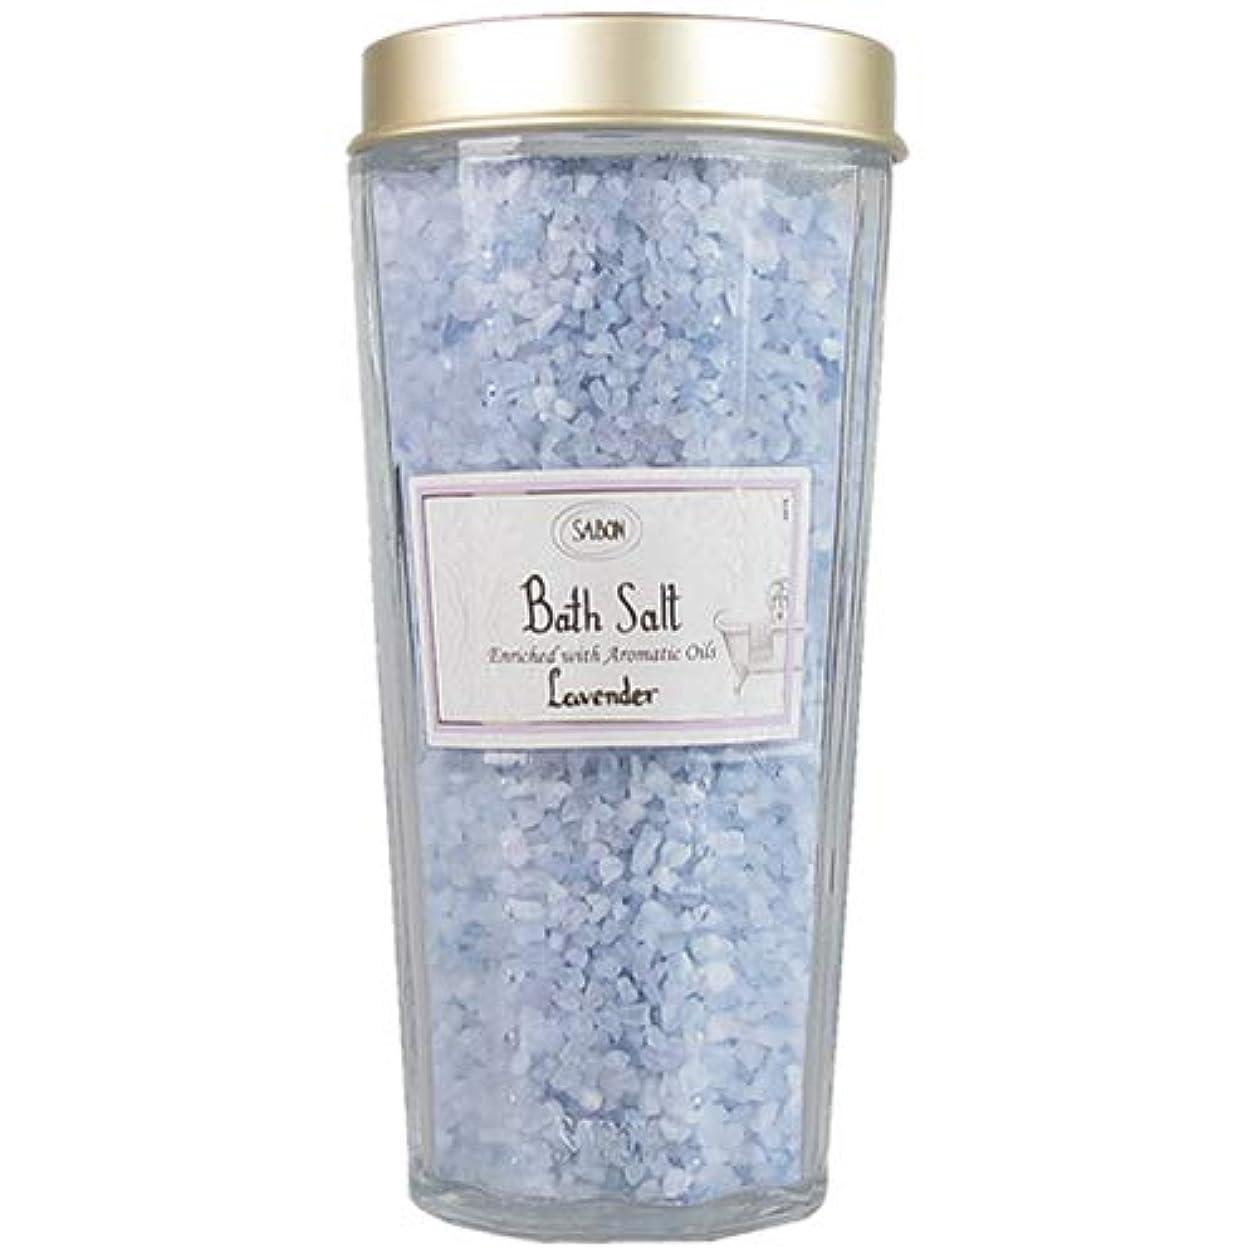 ワーカー五月球体サボン バスソルト ラベンダー 350g SABON [入浴剤] Bath Salt [並行輸入品]